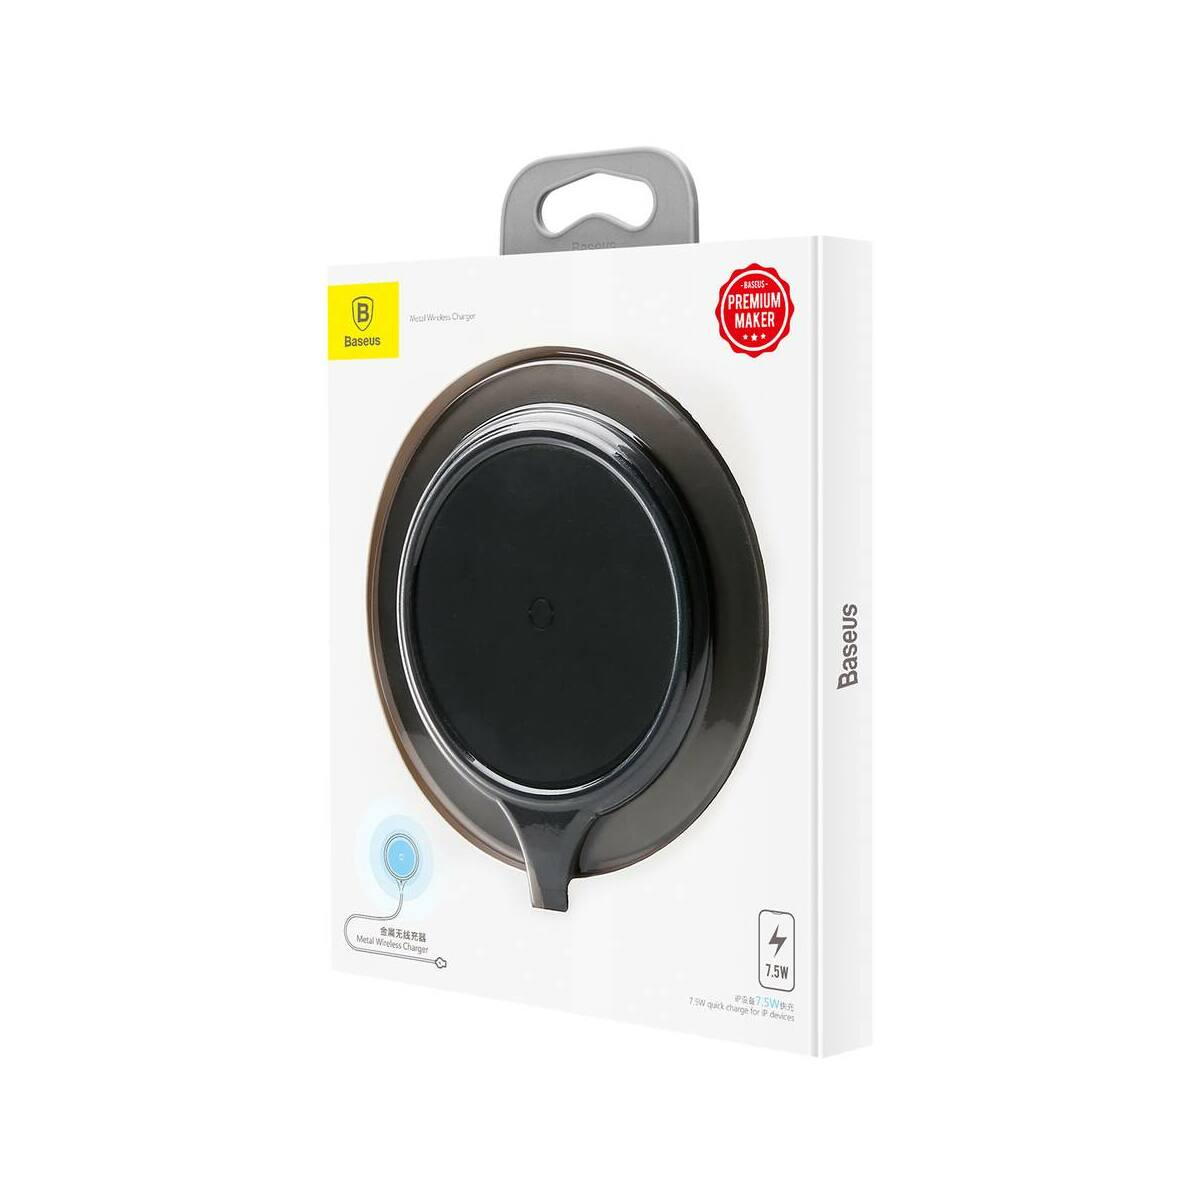 Baseus vezeték nélküli töltő, Metal 10W, barna/fekete (WXJS-A1)